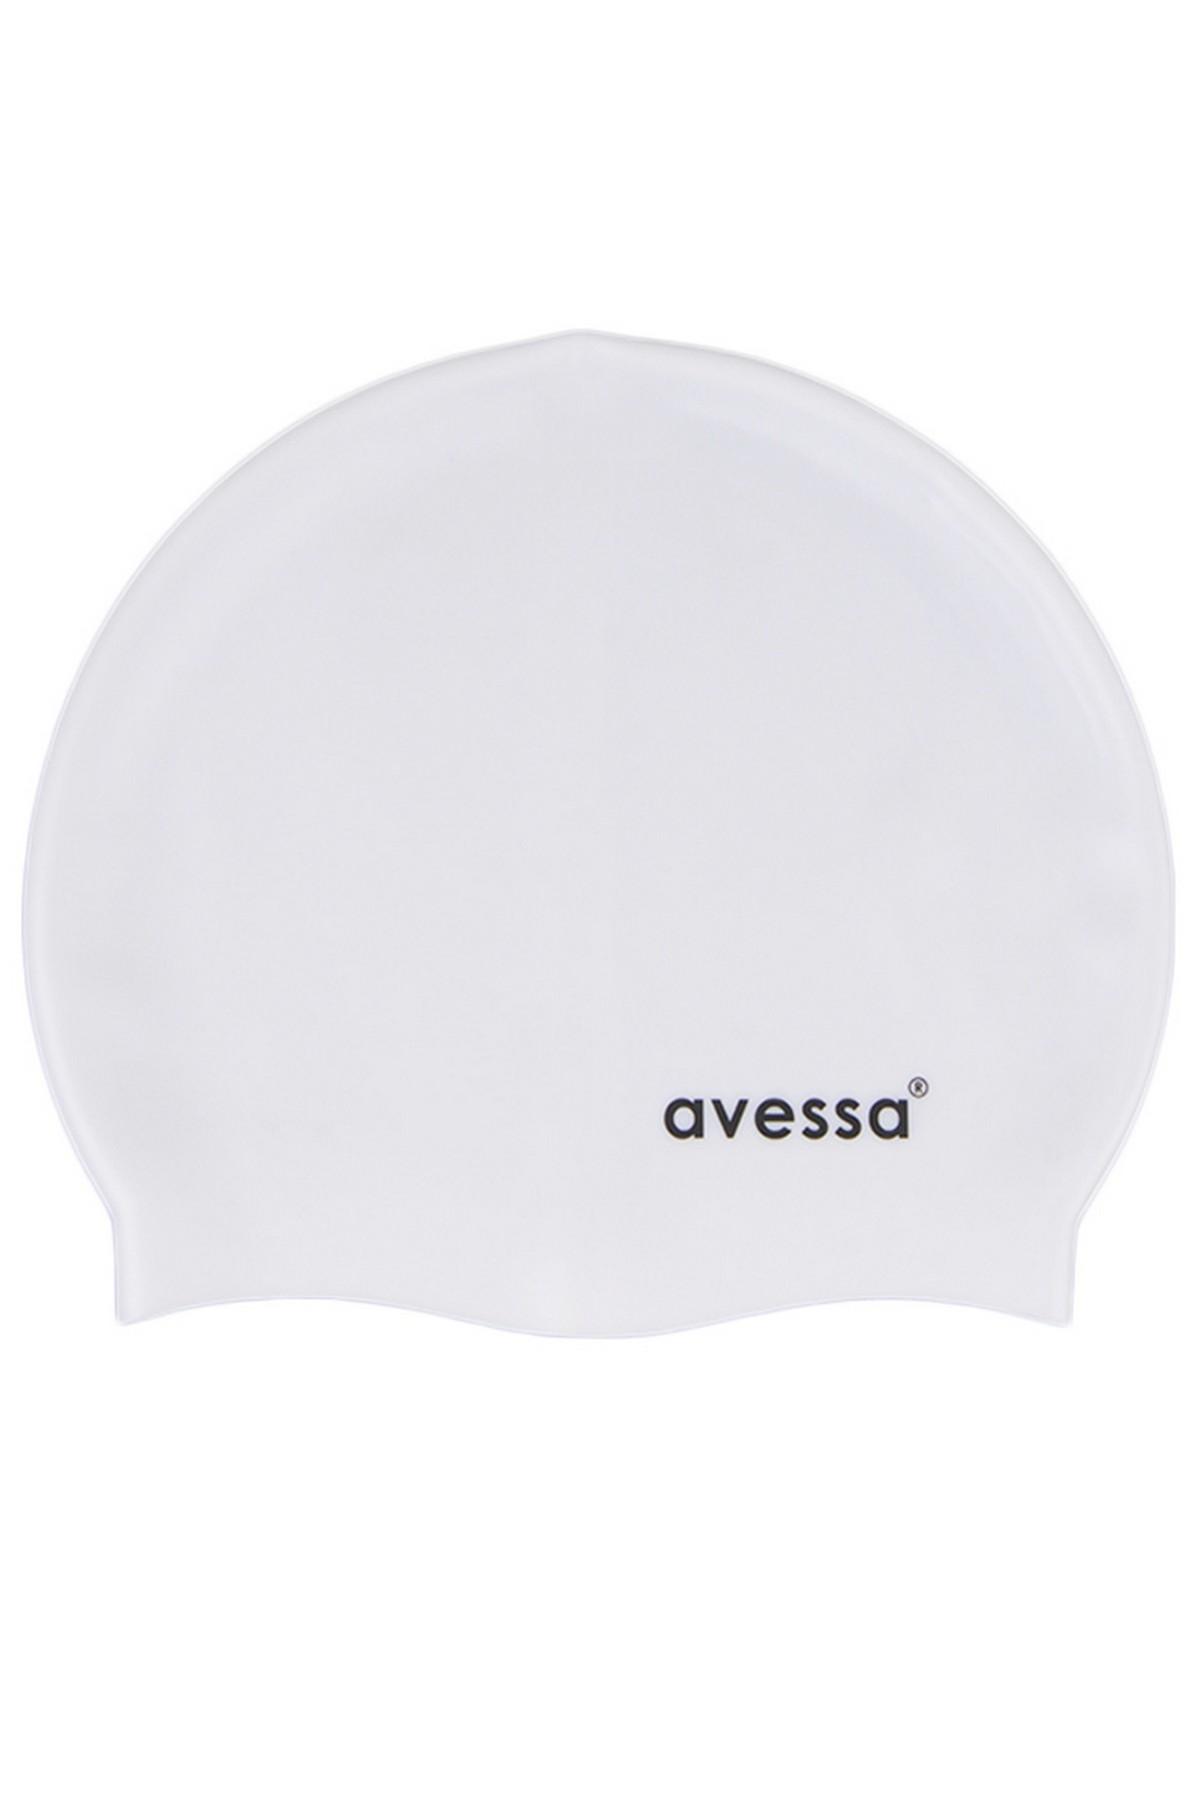 Avessa SC301